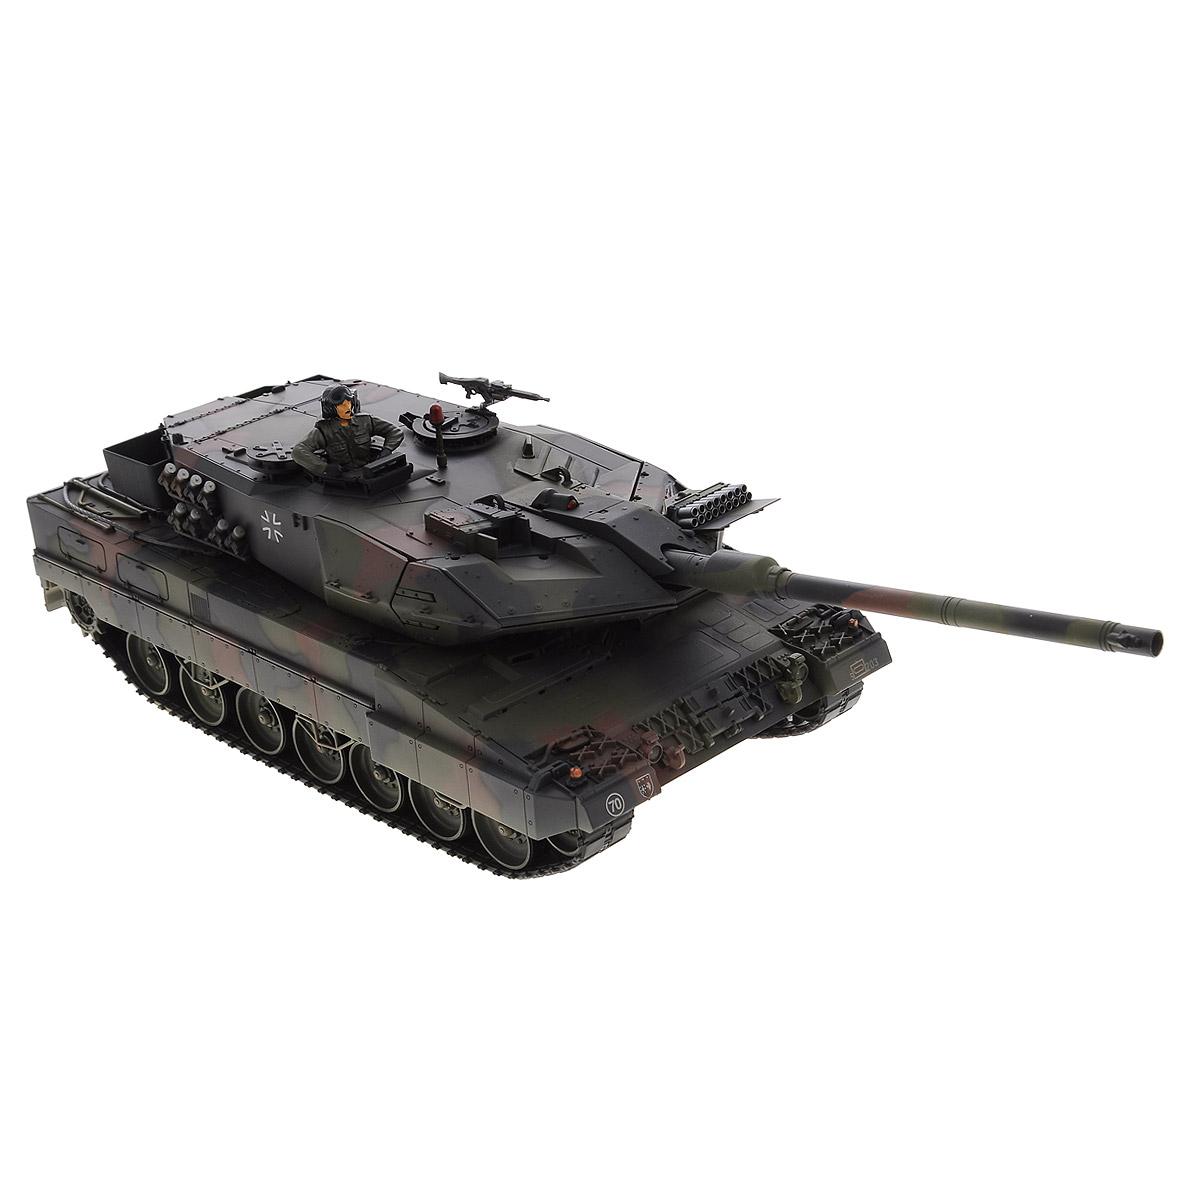 VSP Танк на радиоуправлении German Leopard2 A6628436Радиоуправляемый танк VSP German Leopard2 A6 - это реалистичная коллекционная модель в масштабе 1/24. Она представляет собой уменьшенную копию немецкого основного боевого танка, известного как Леопард 2. Модель серийно выпускается с 1979 года и стоит на вооружении армий Австрии, Германии, Норвегии, Швеции, Испании, Турции и других стран. Пульт управления работает на частоте 2,4 ГГц и оснащен светодиодной подсветкой голубого цвета. Система Airsoft обеспечивает постоянное движение танка и стрельбу из пневматической пушки. Данная модель может стрелять мягкими (пневматическими) BB шариками, поэтому имеет возрастное ограничение от 14 лет. Благодаря работе на частоте 2,4 ГГц танк будет легко сопрягаться с пультом управления. Новые электронные схемы, примененные в этом пульте, позволяют принимать участие в игровых сражениях одновременно 16 танкам. Радиус управления заметно увеличился и составляет 40-50 метров на улице и 25-30 метров внутри ...